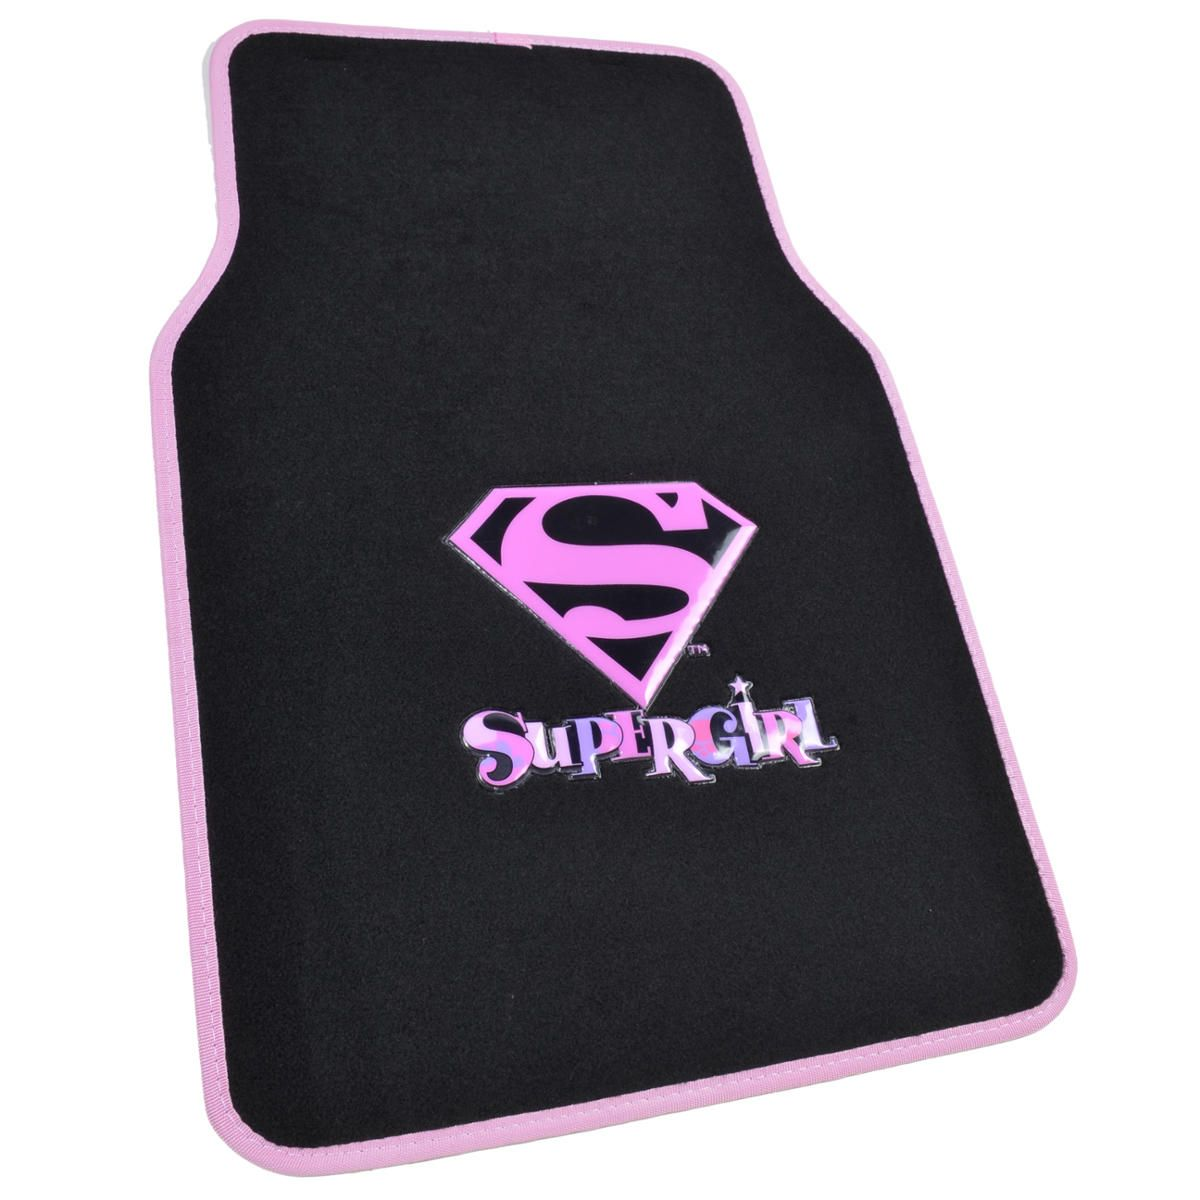 Super Girl Car Floor Mats 4 Pieces Character Floor